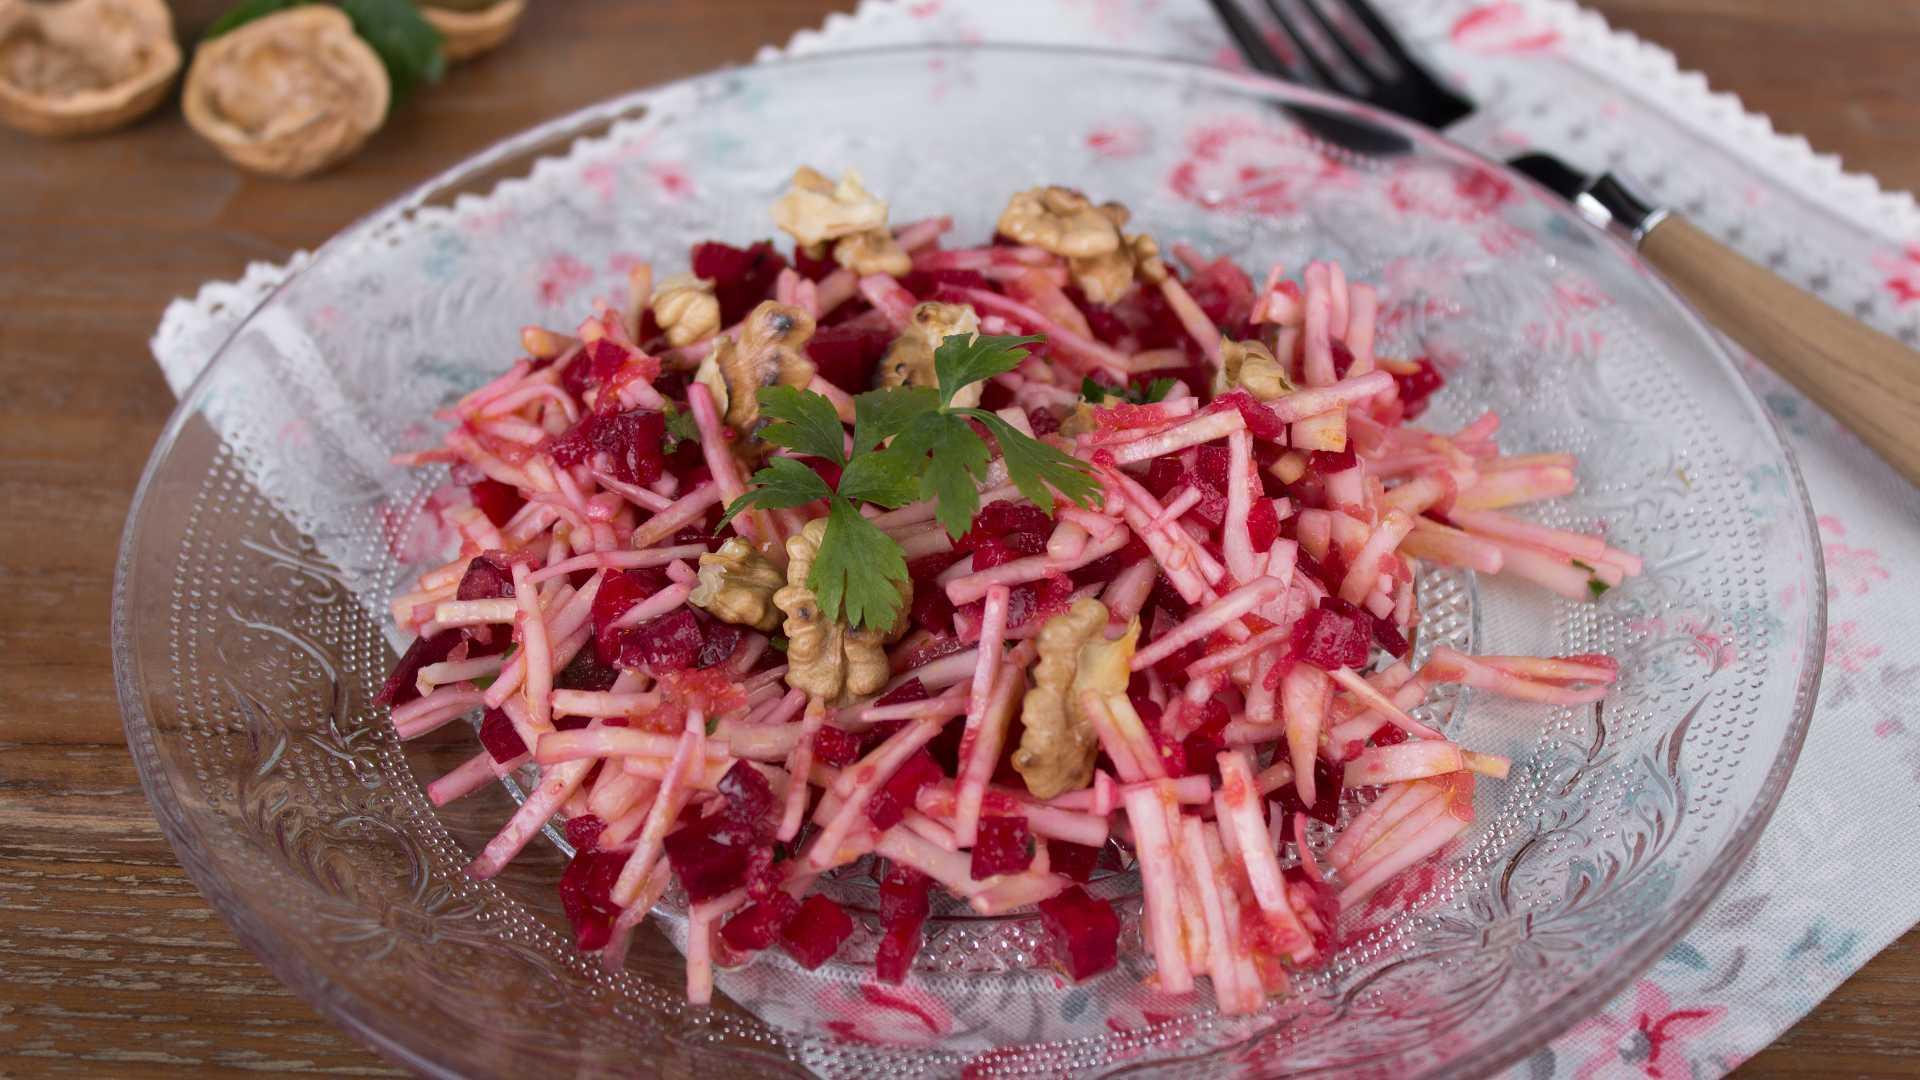 Auf einem Glasteller ist ein Wintersalat mit Sellerie und Rote Bete angerichtet